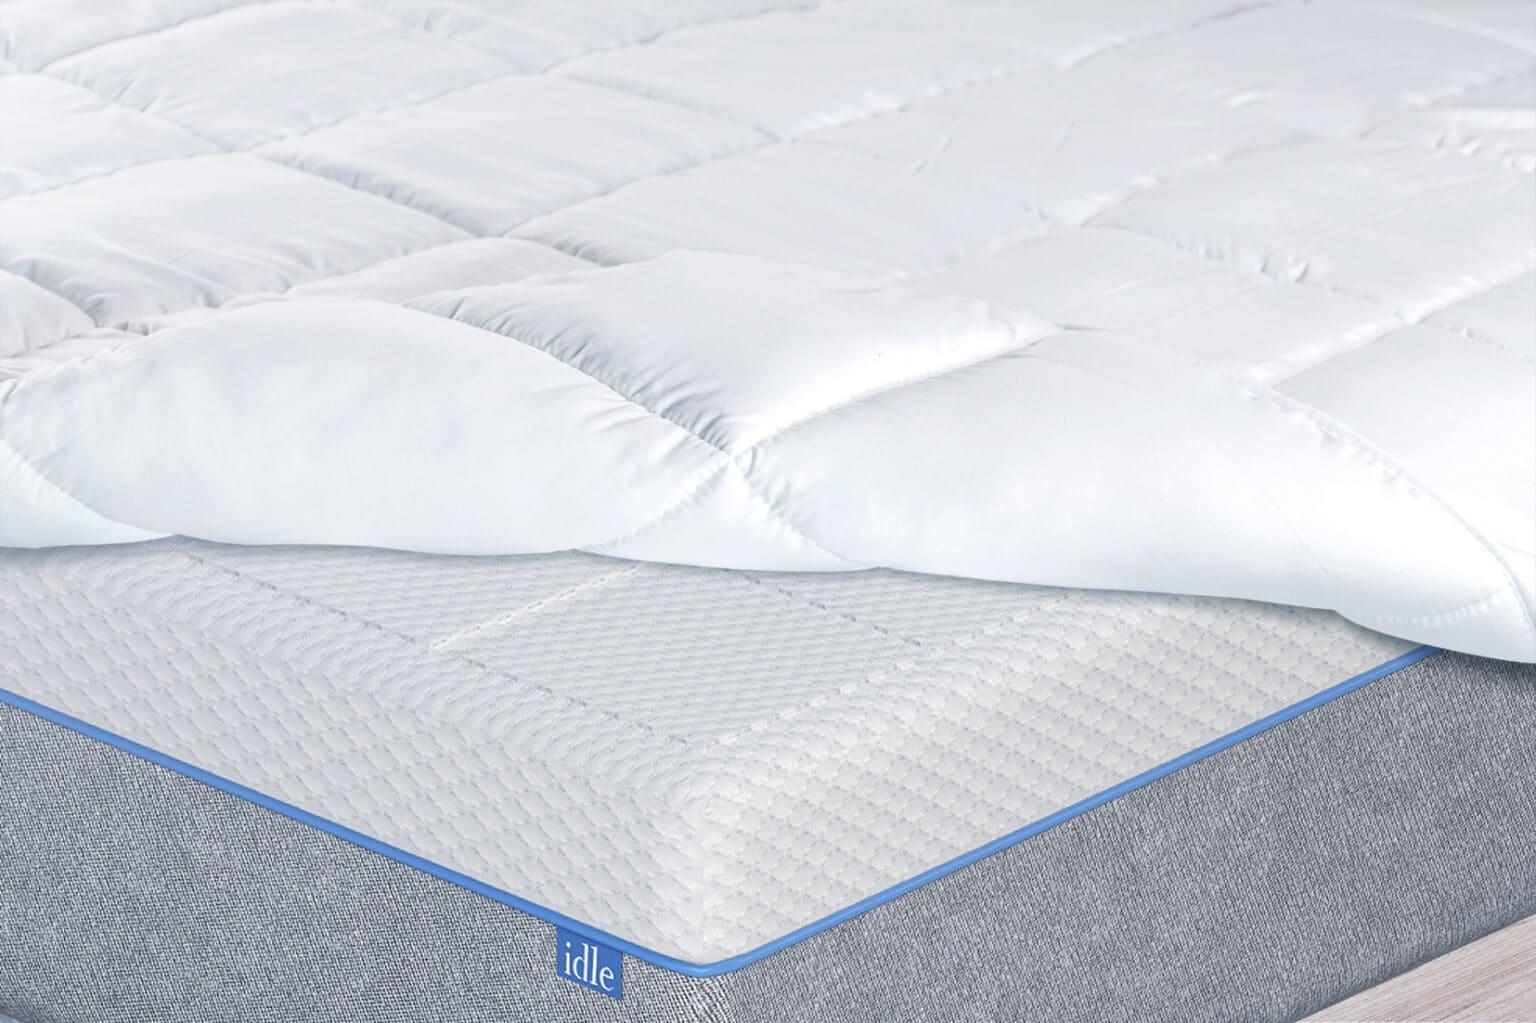 idle gel foam mattress review